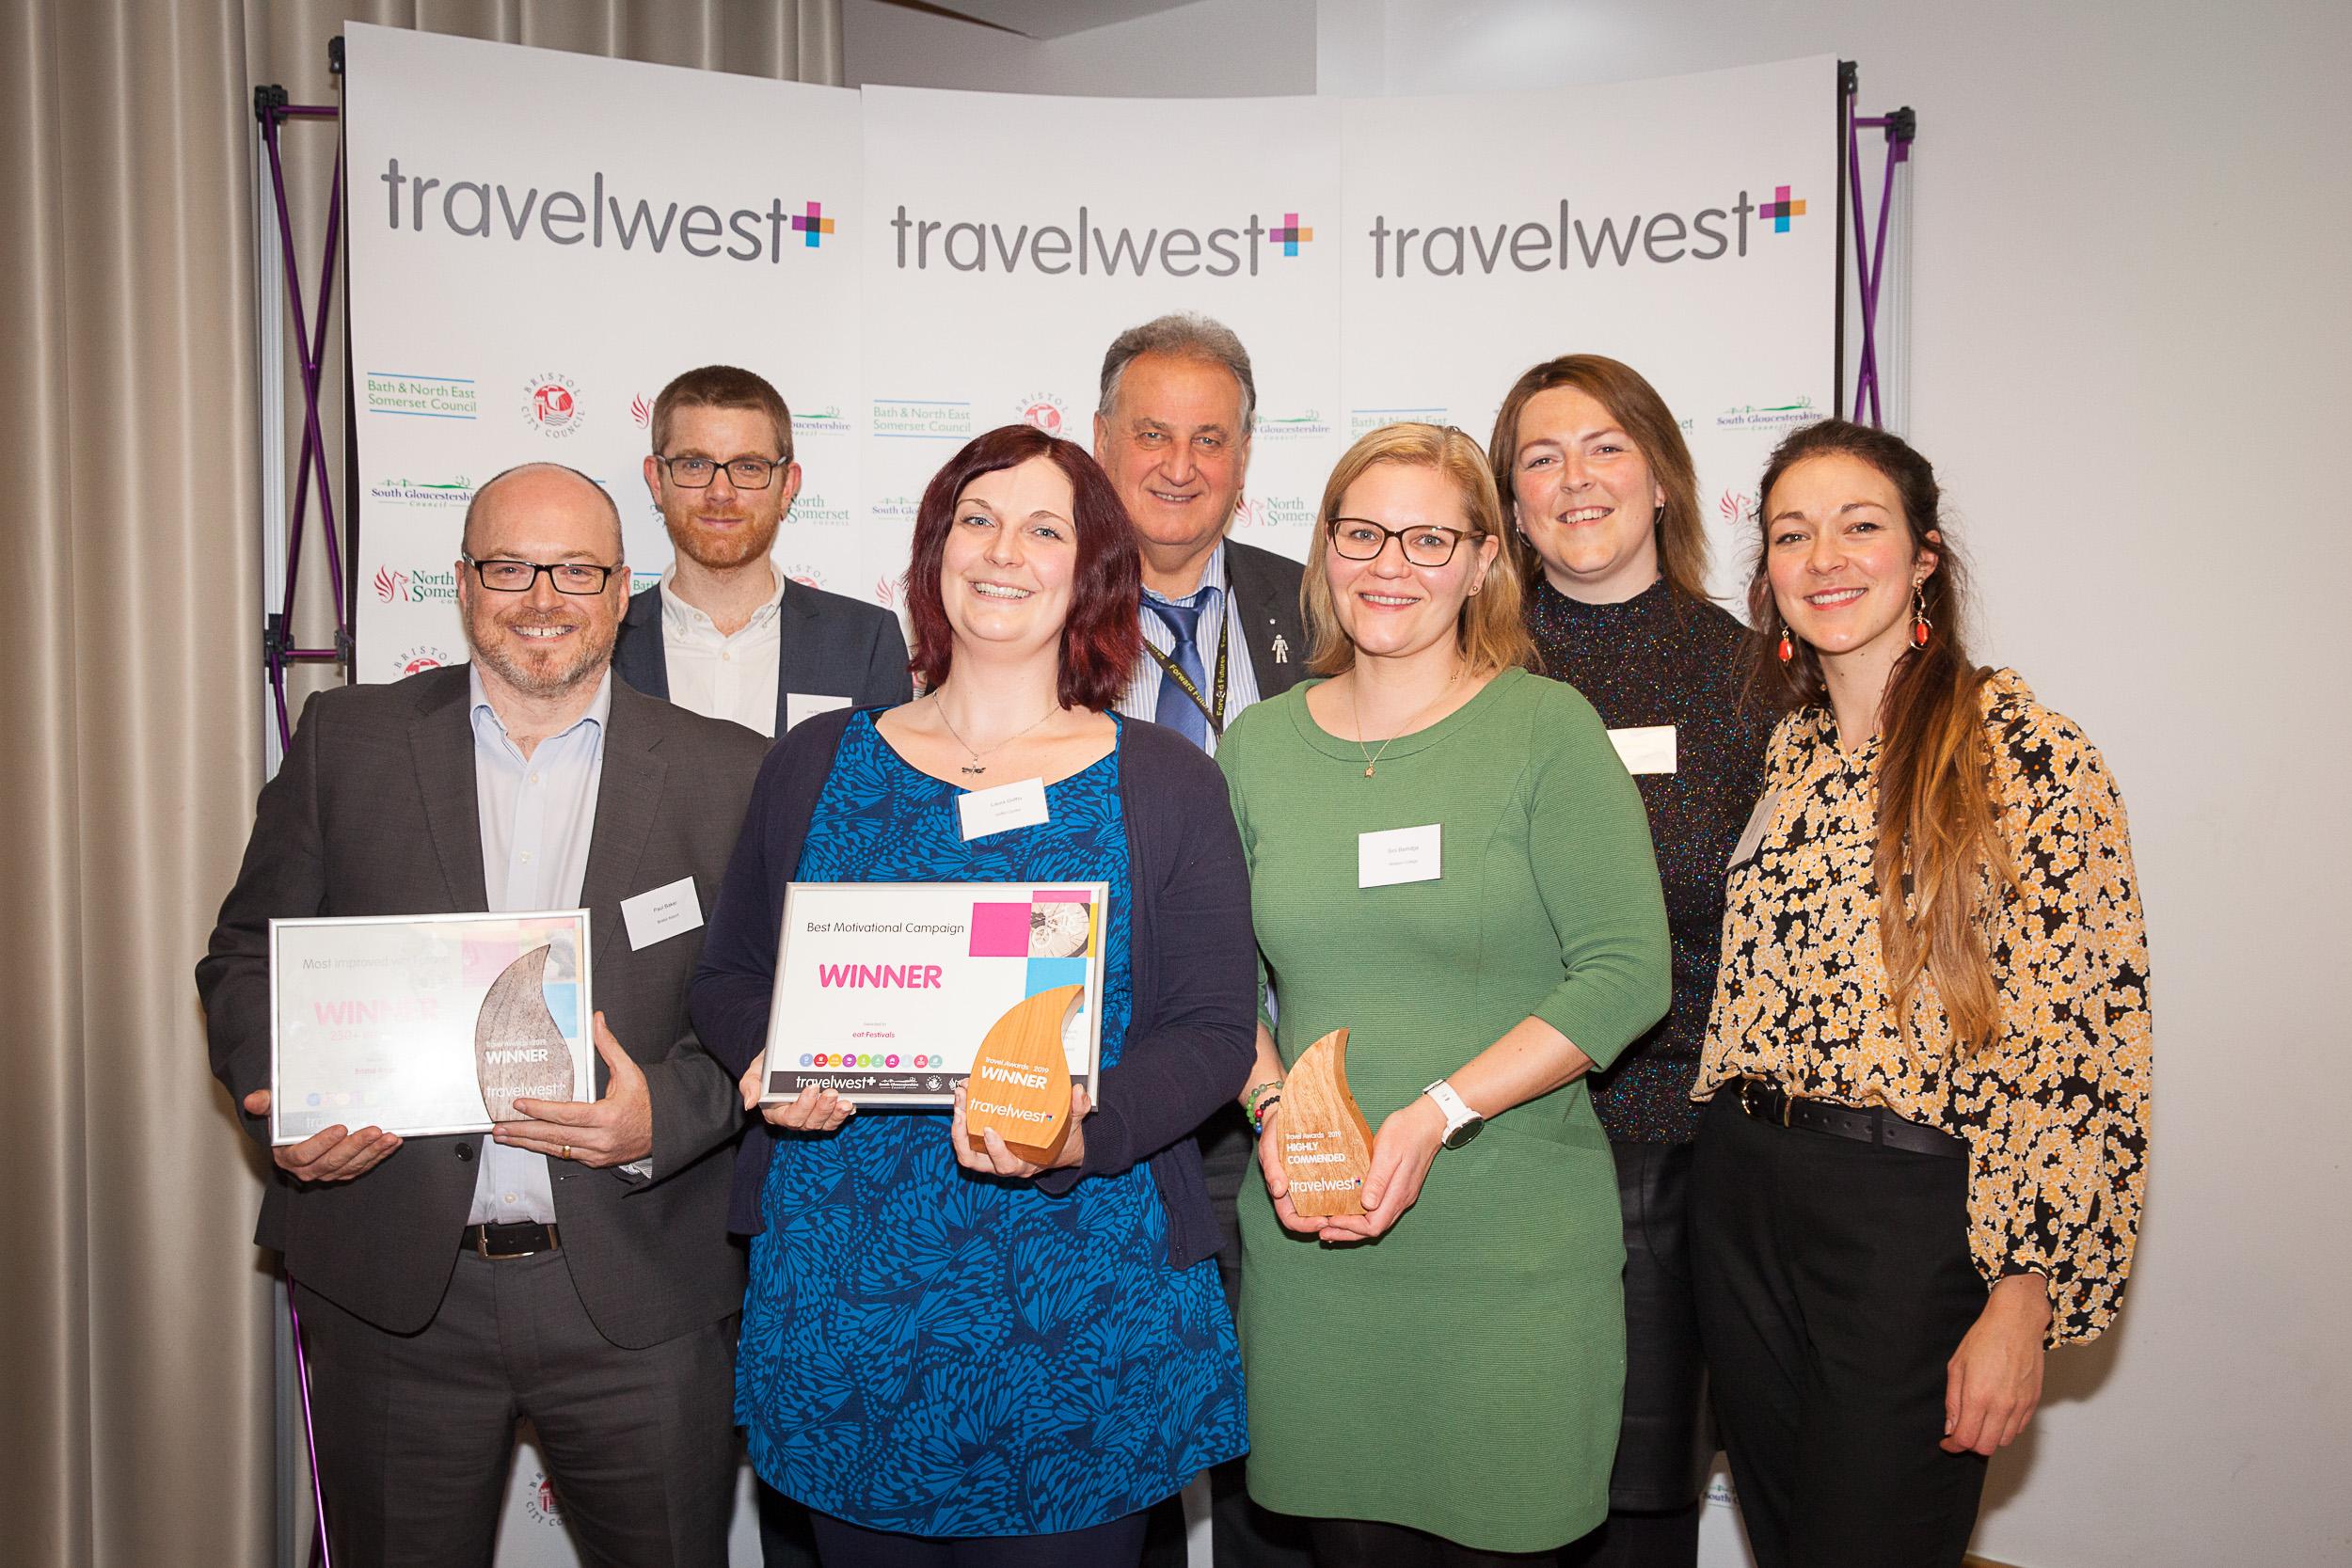 Travel Awards 2019 - Trav.West_BTA19_222M-©MarkSimmons